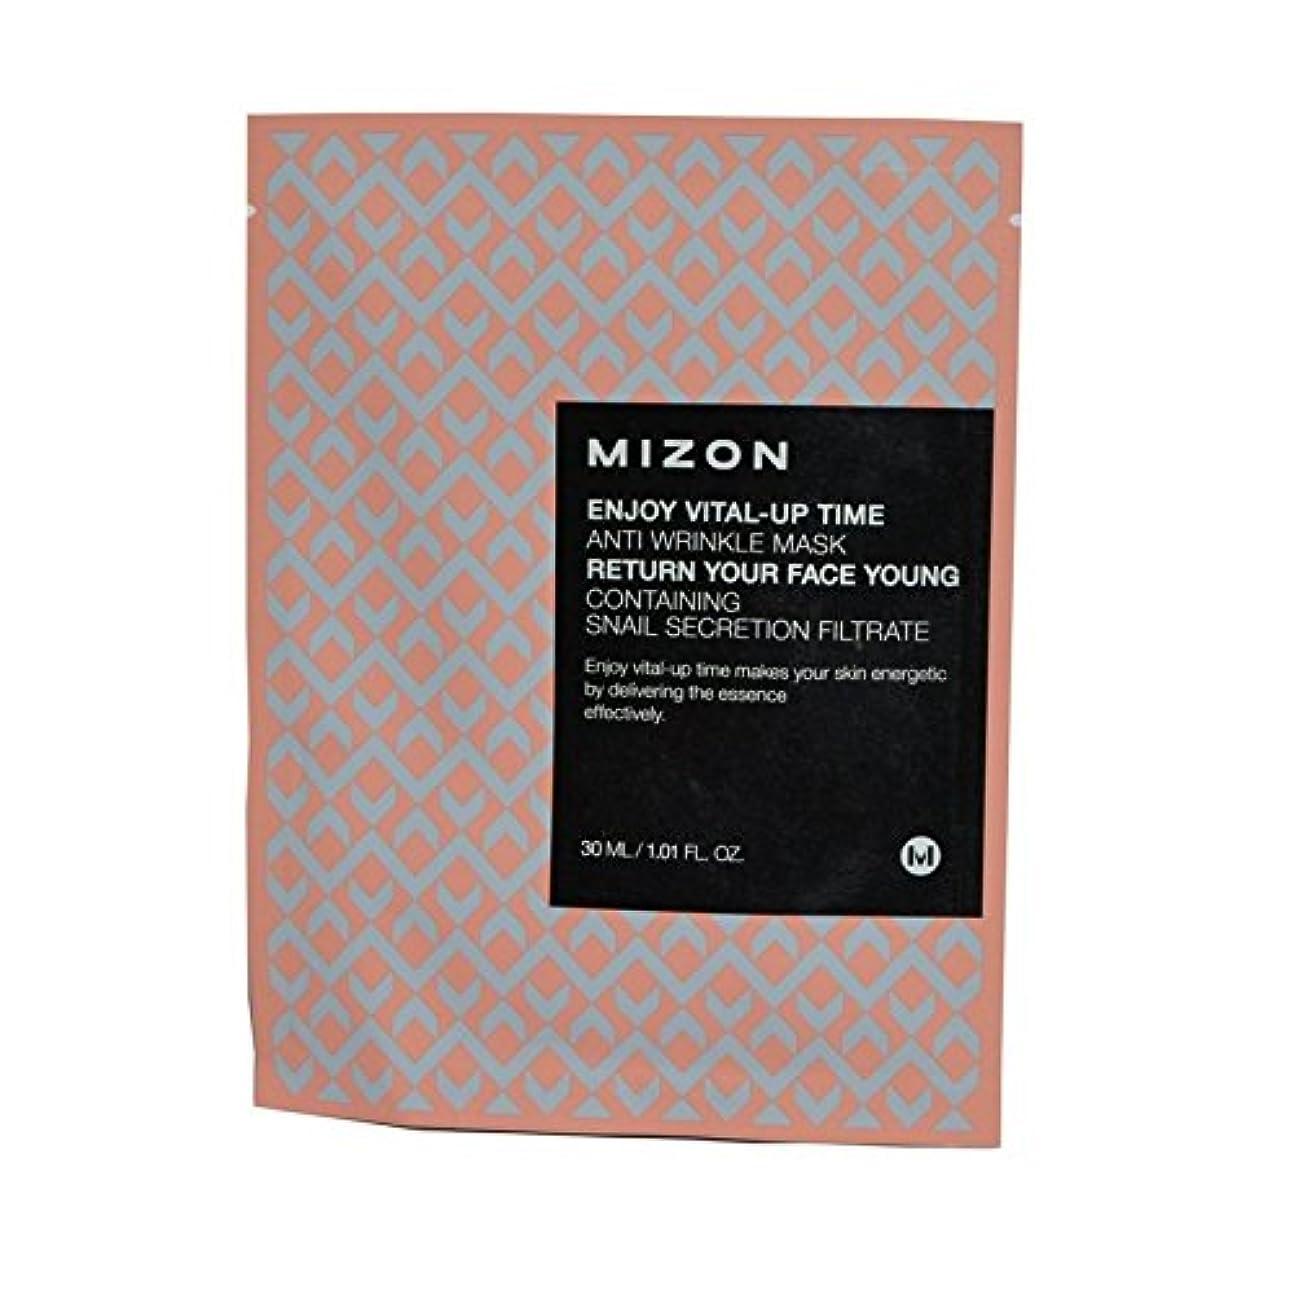 等価飽和するする必要があるが不可欠アップ時間抗しわマスクを楽しみます x2 - Mizon Enjoy Vital Up Time Anti-Wrinkle Mask (Pack of 2) [並行輸入品]